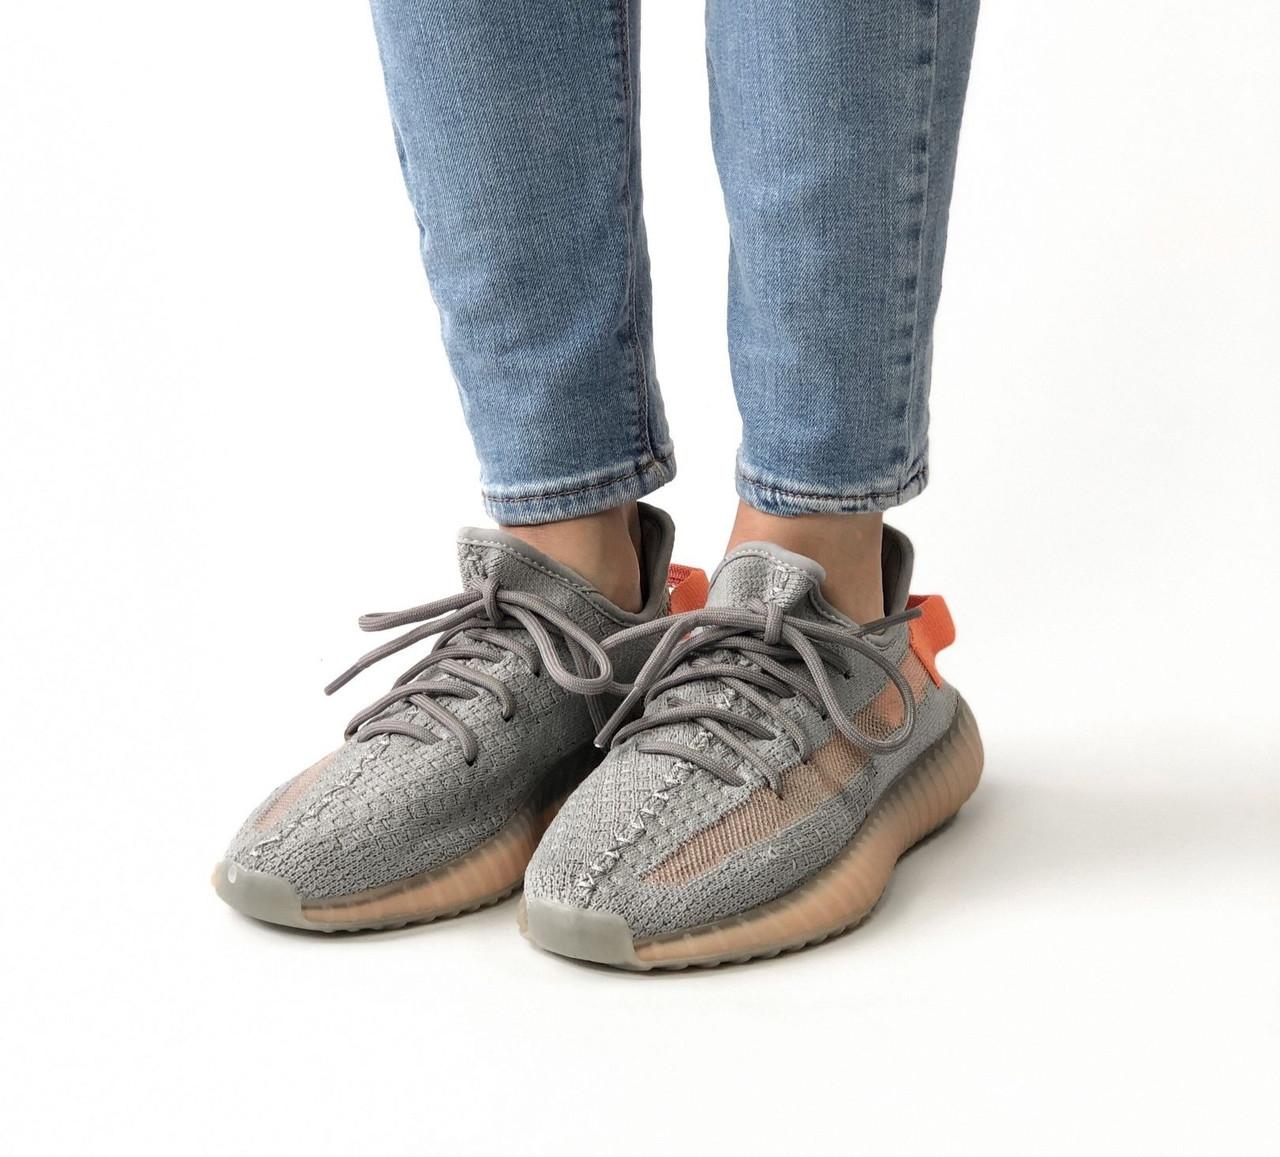 Женские кроссовки в стиле Adidas Yeezy Boost 350 V2 True Form (36, 37, 38, 39, 40 размеры)